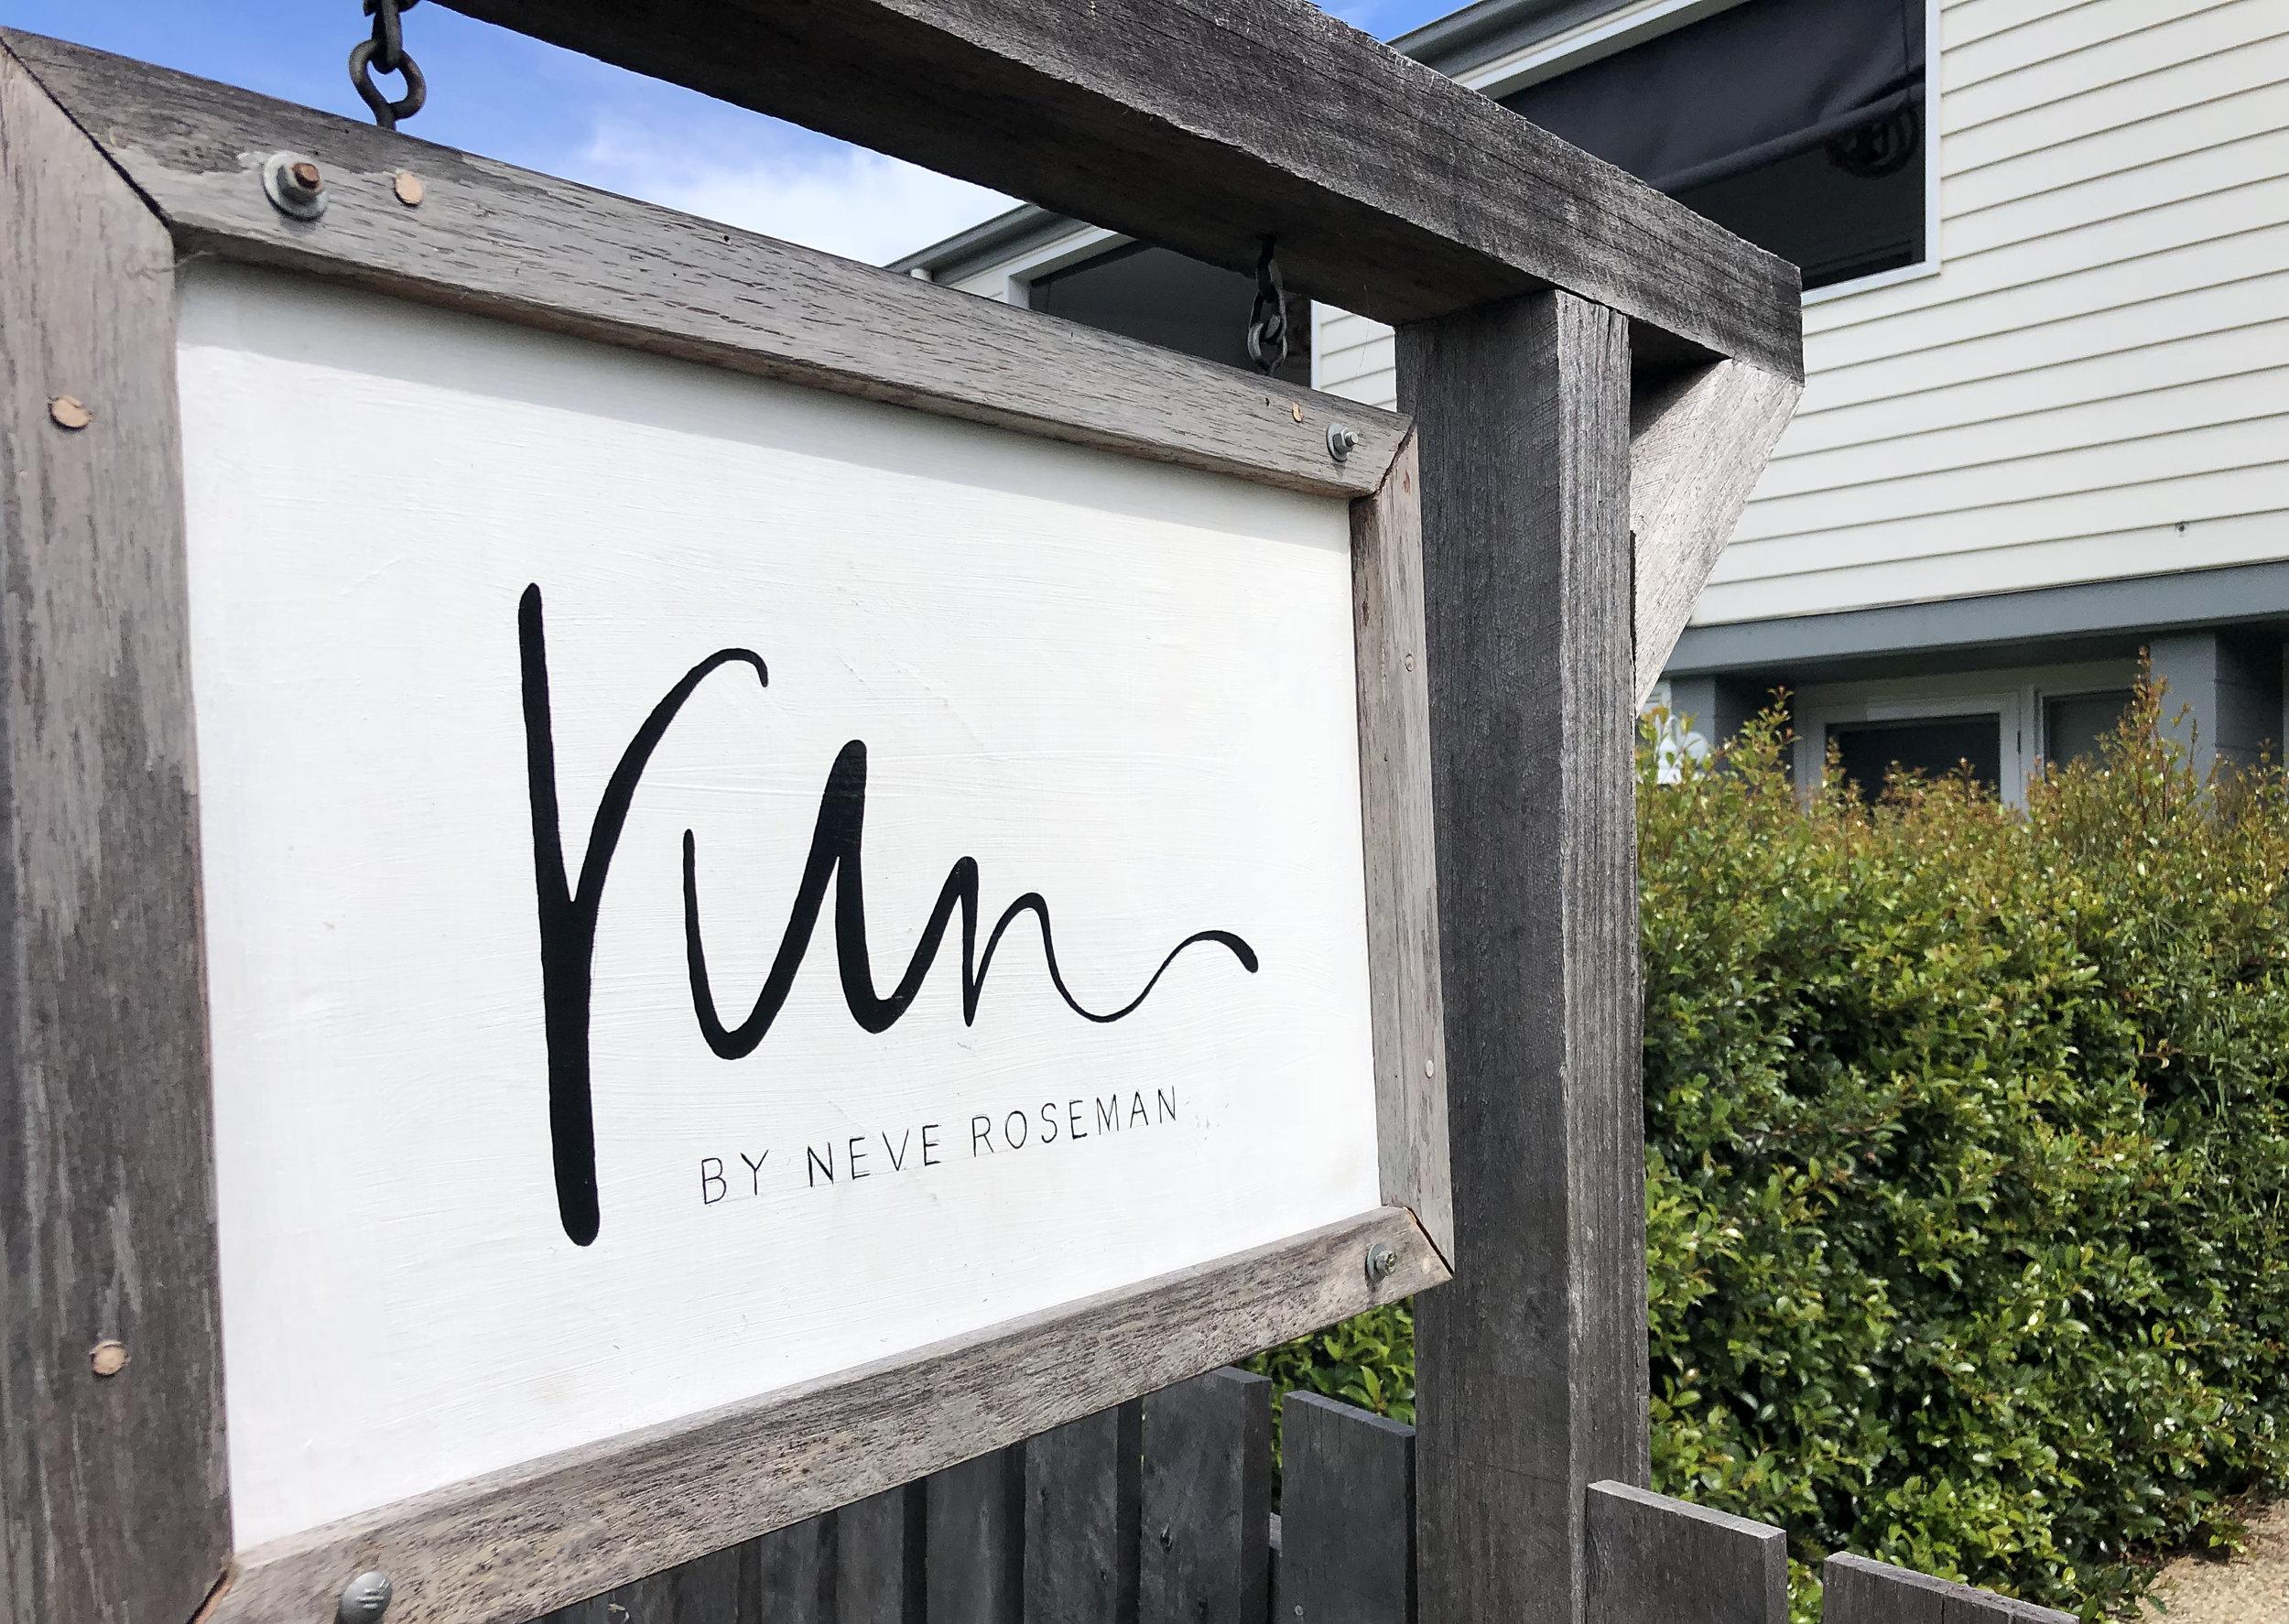 Run Byron Bay Sign Installed.jpg